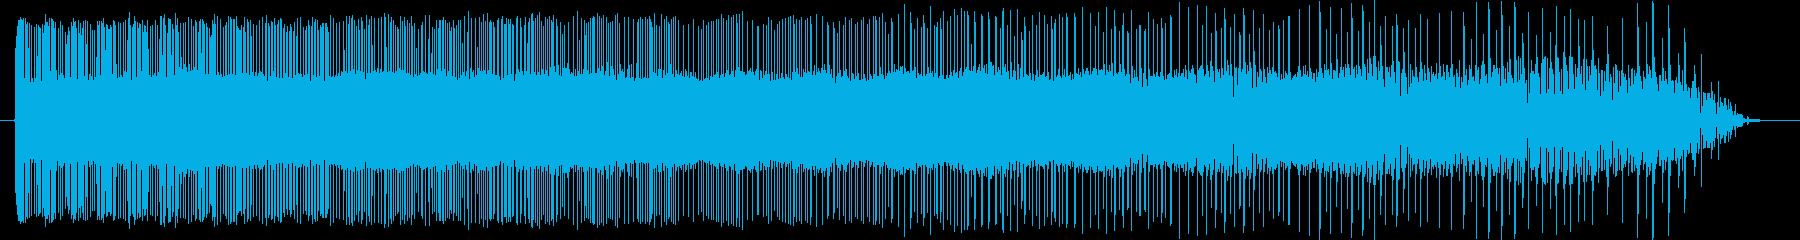 レトロなぴゅーん パワーダウン コミカルの再生済みの波形